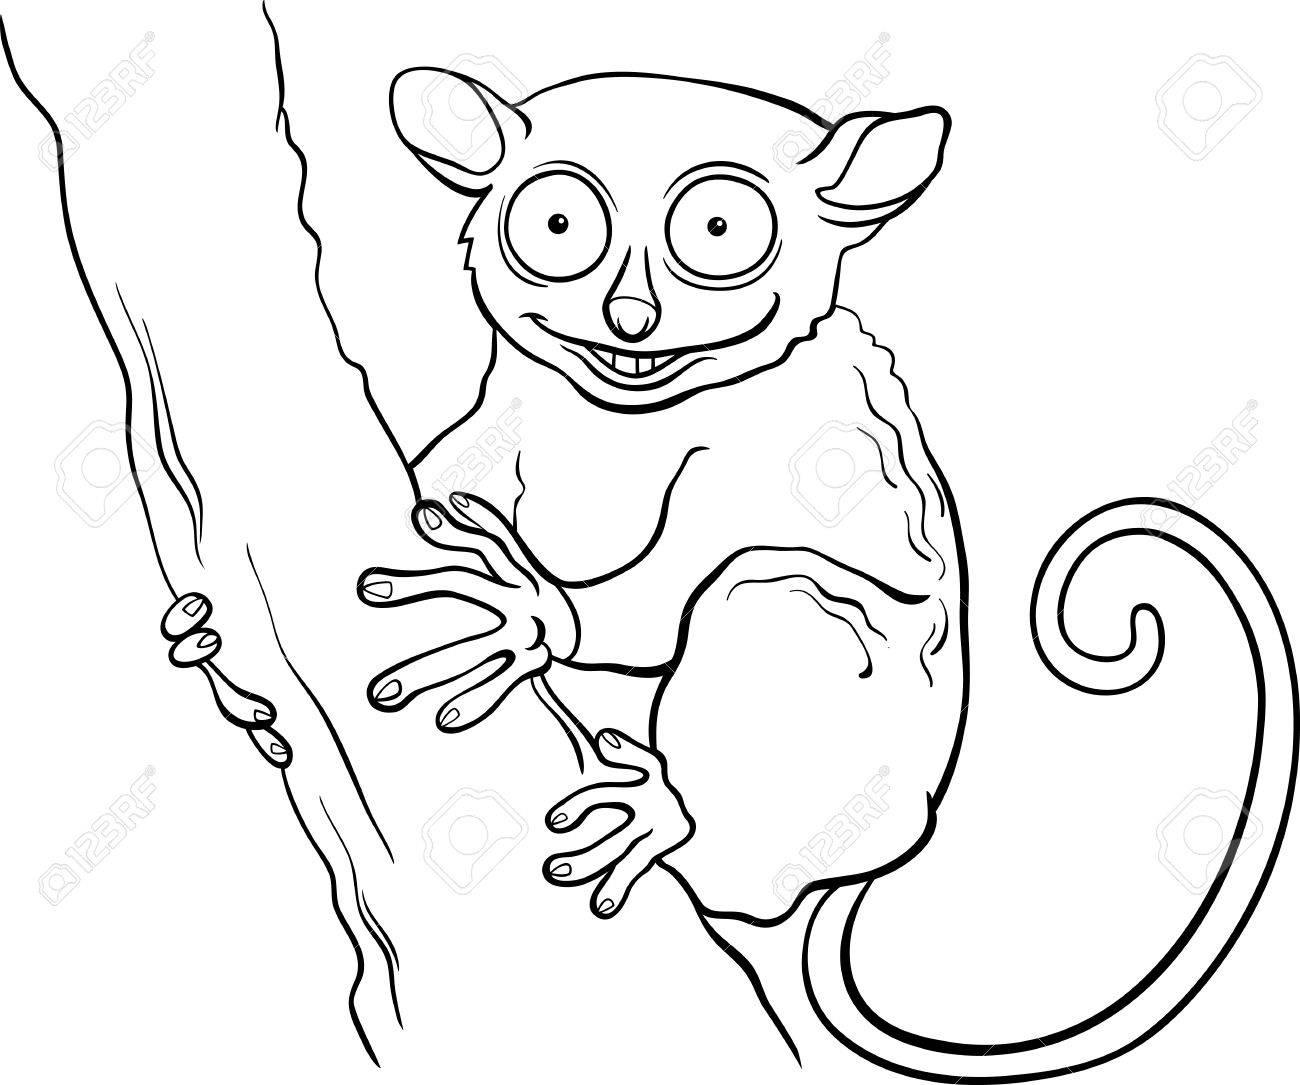 塗り絵の本の木の枝に面白いメガネザル動物の黒と白の漫画イラスト